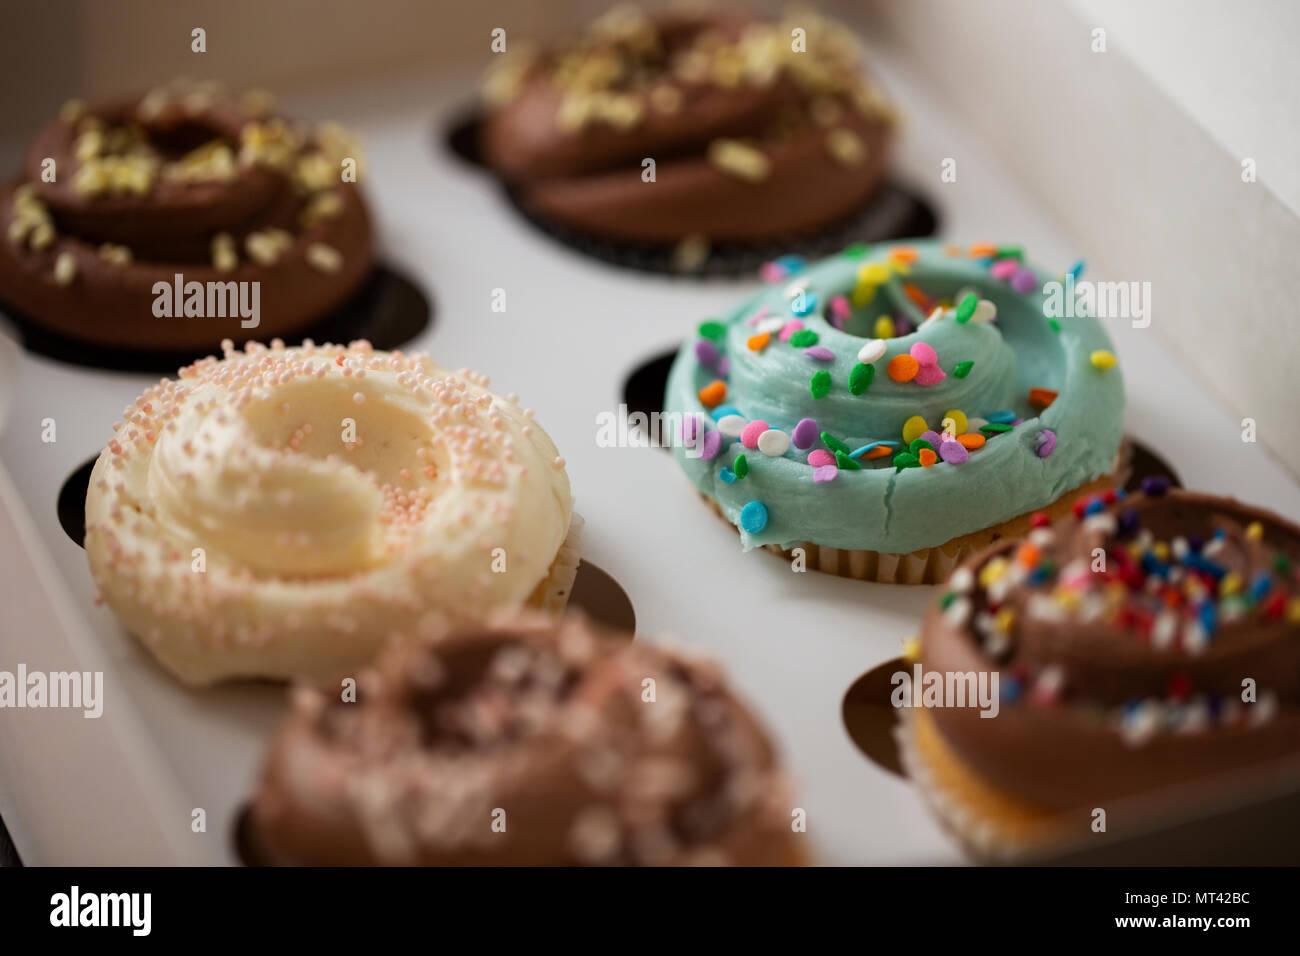 Dekorierte Schokolade und Vanille Cupcakes mit besprüht, in einem Feld von sechs von einer Bäckerei. Stockbild